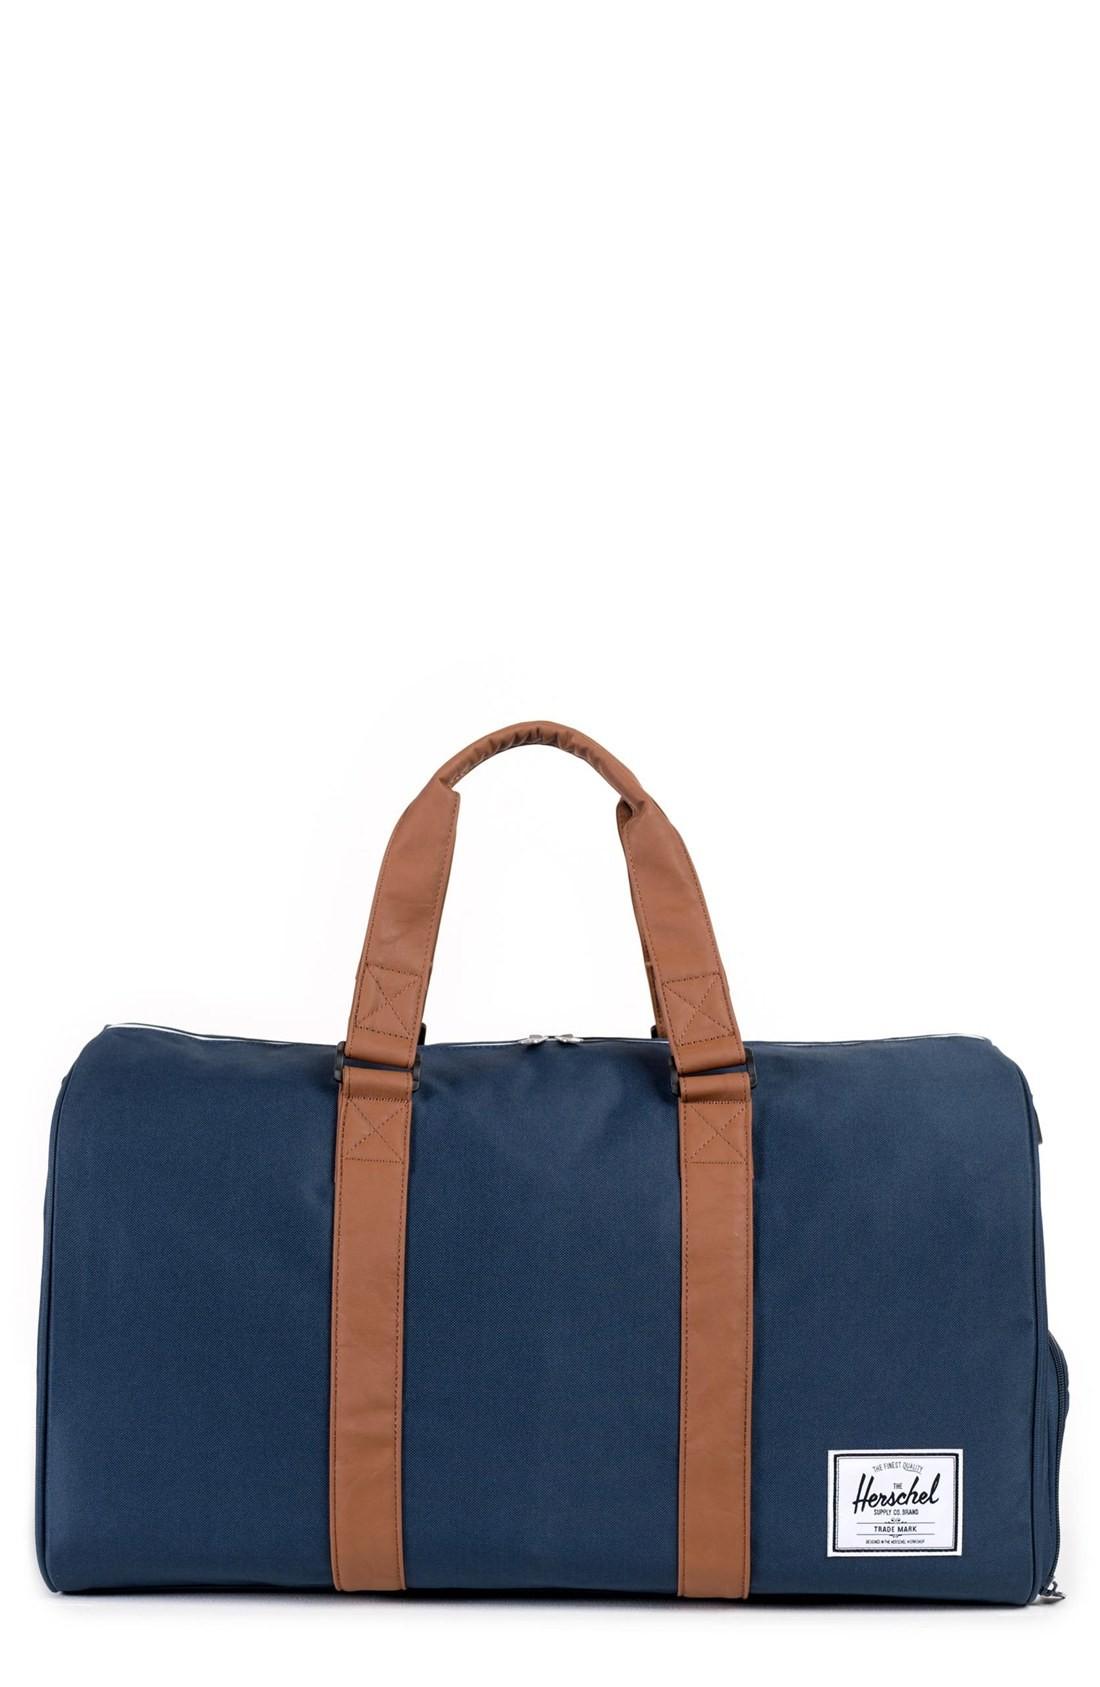 Herschel Duffle Bag | Herschel Duffle | Herschel Backpack Black